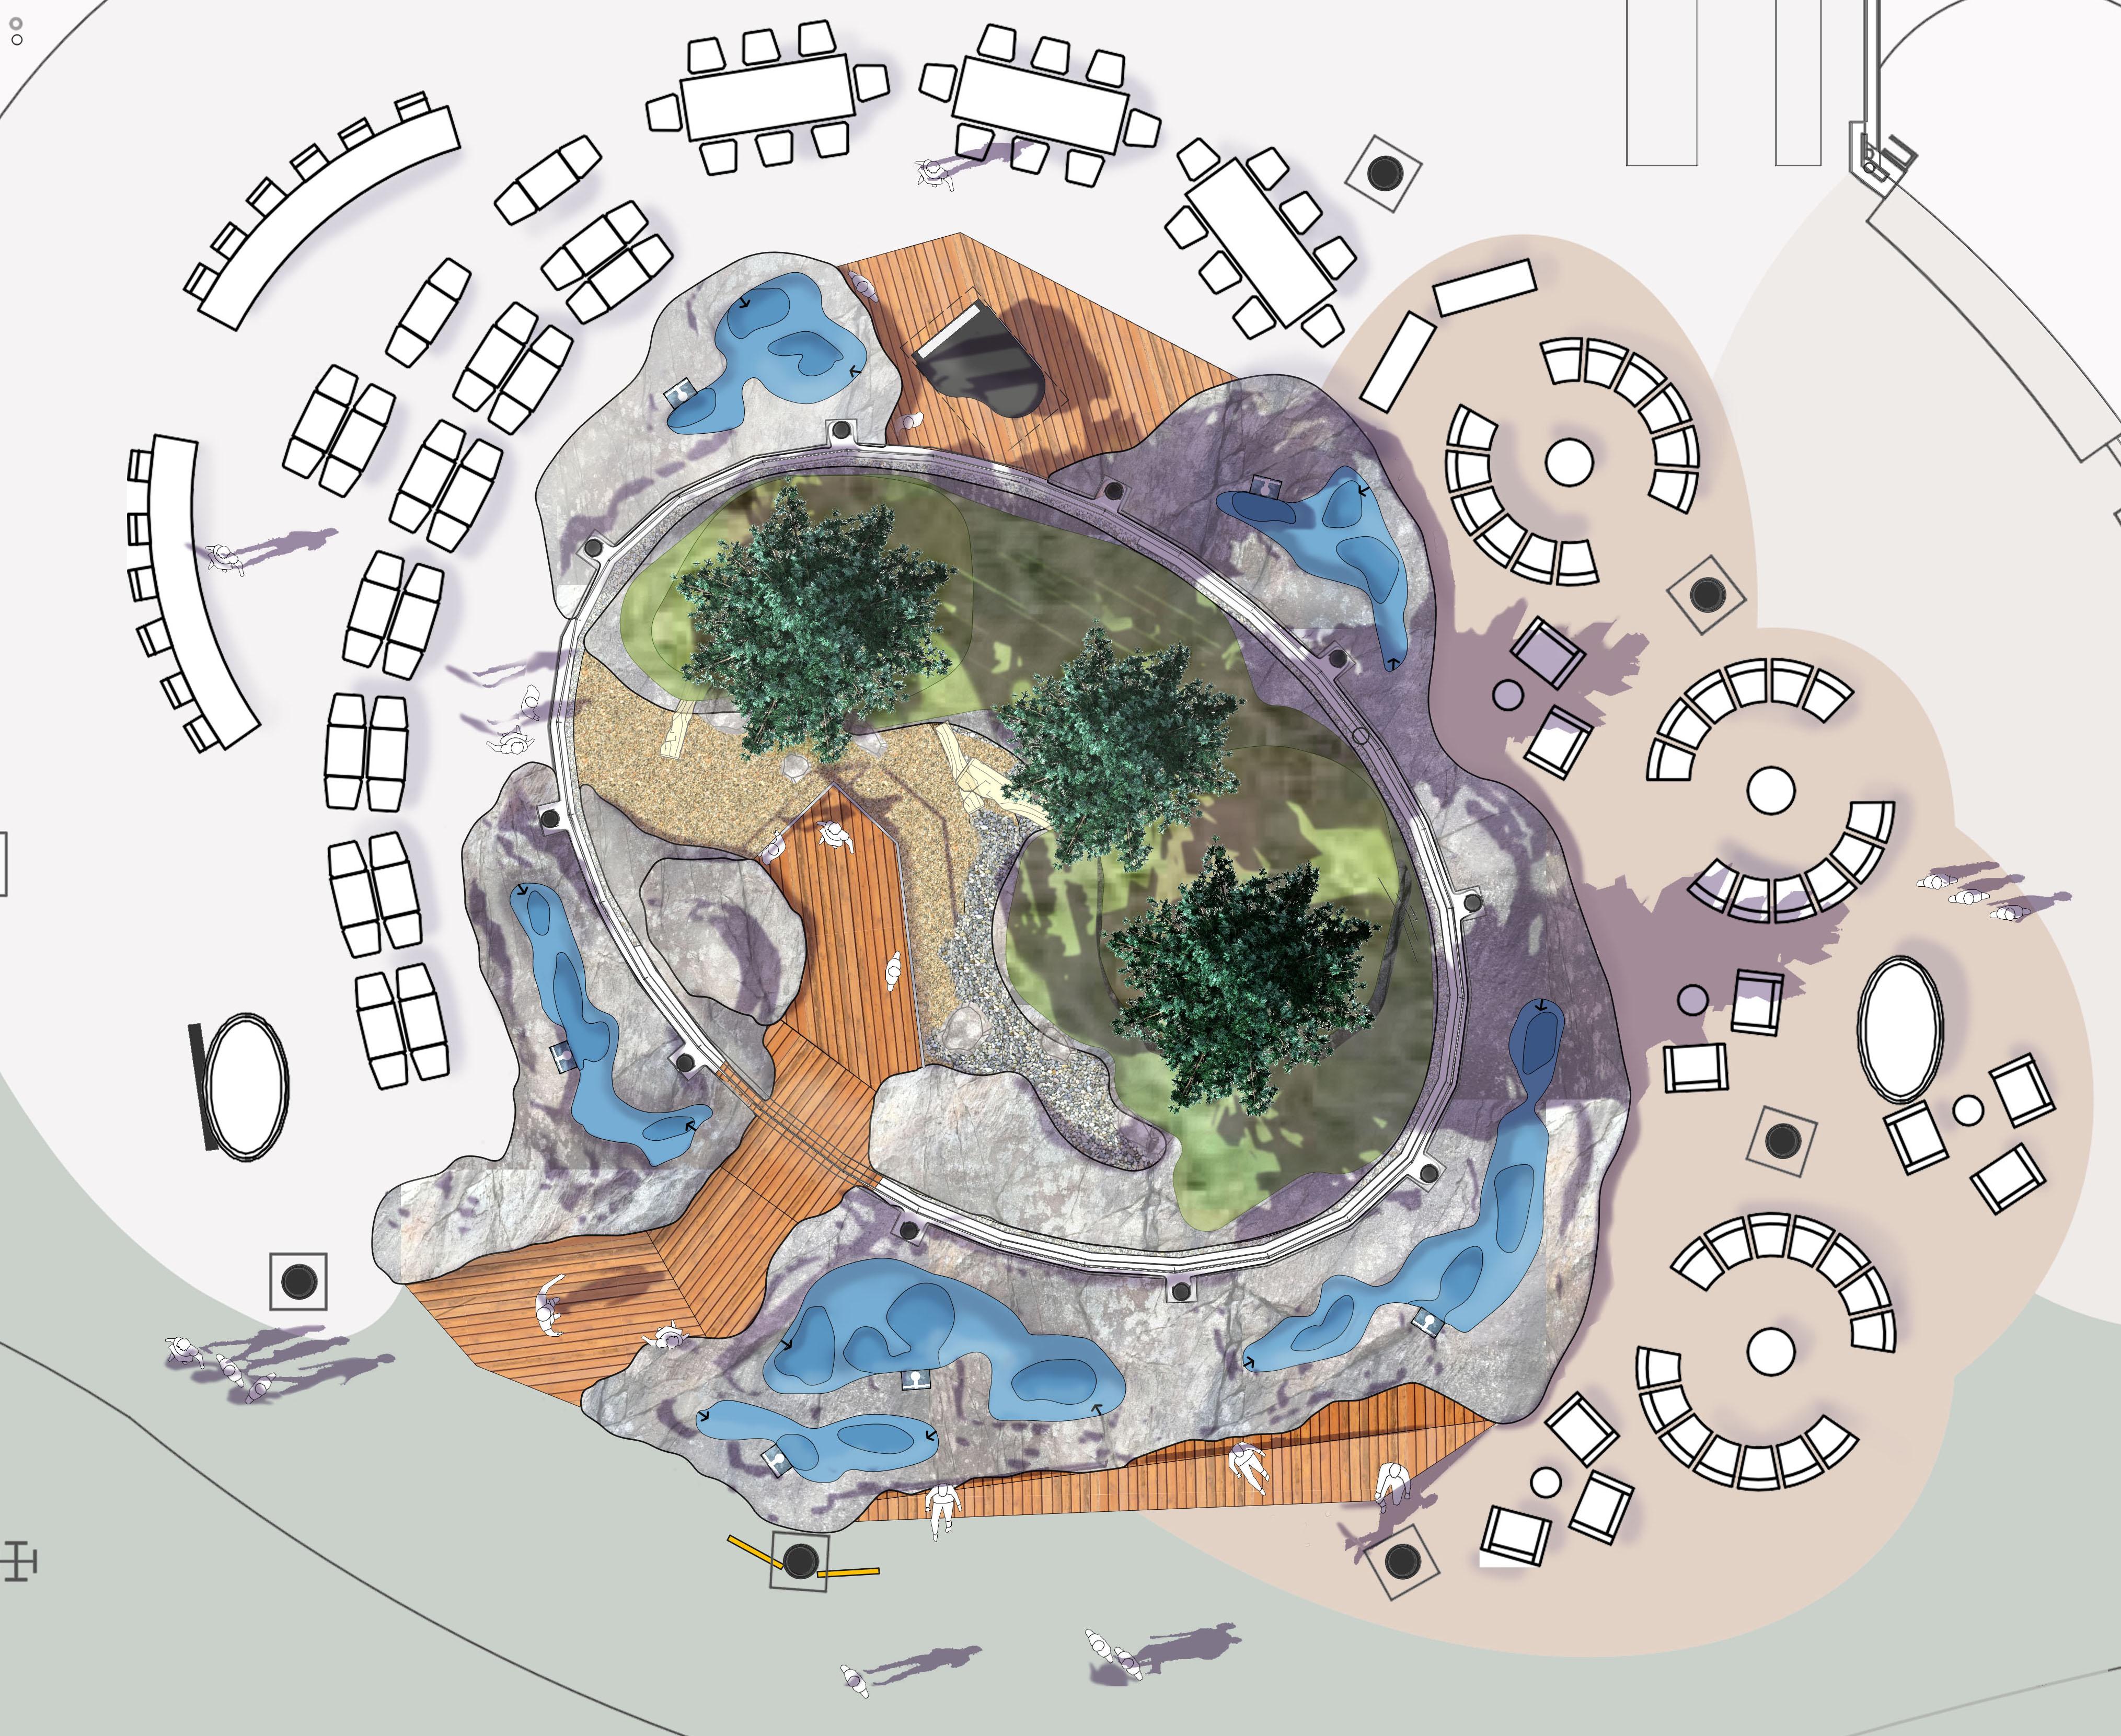 06-580 18-01-29 YVR Pier D – Landscape Plan